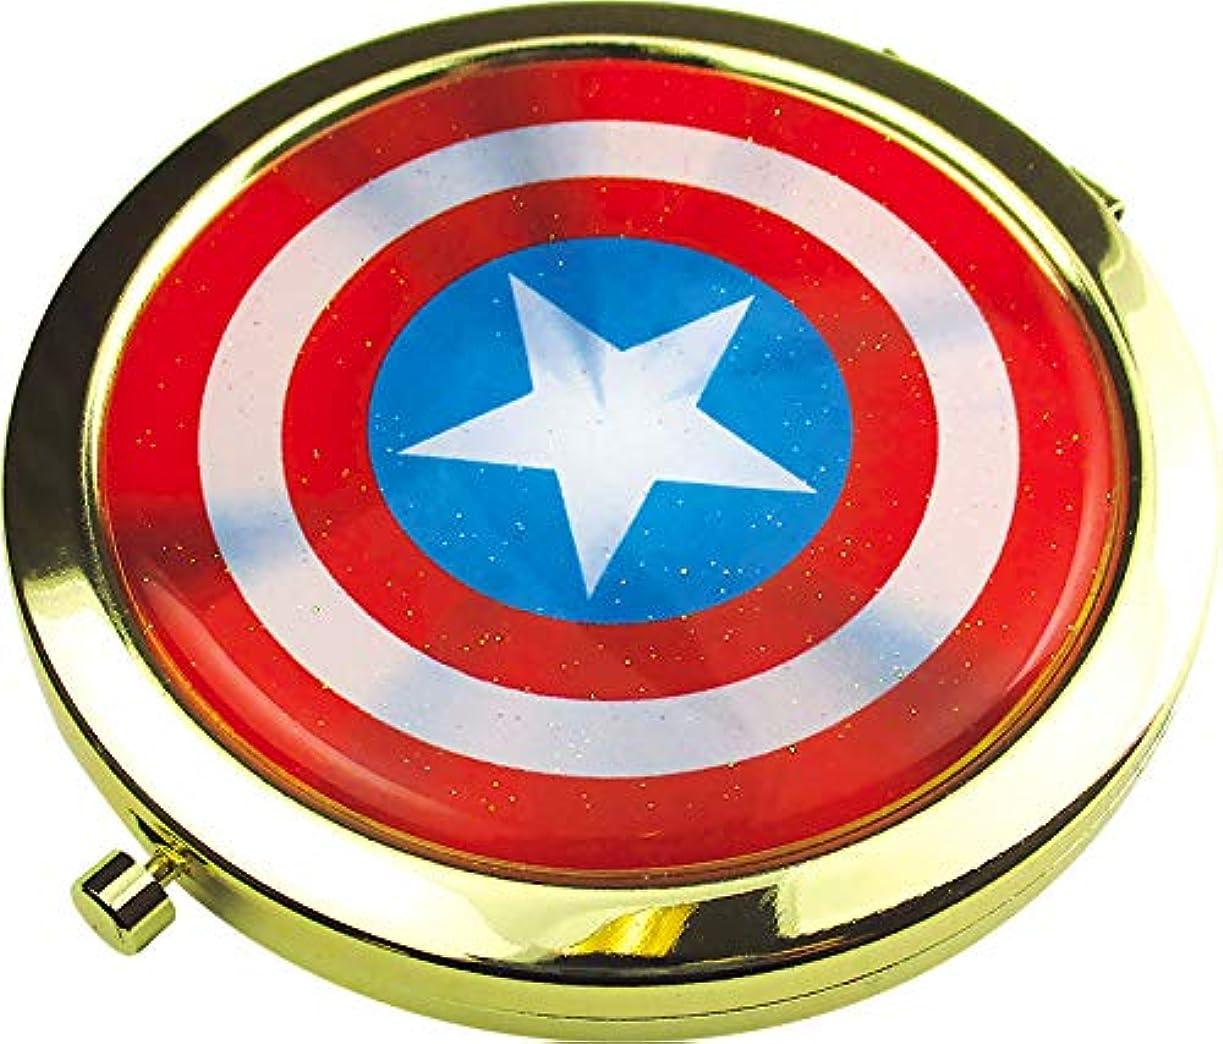 毛皮奨励犯罪ティーズファクトリー 鏡 マーベル キャプテン?アメリカ Wコンパクトミラー MV-5537052CA